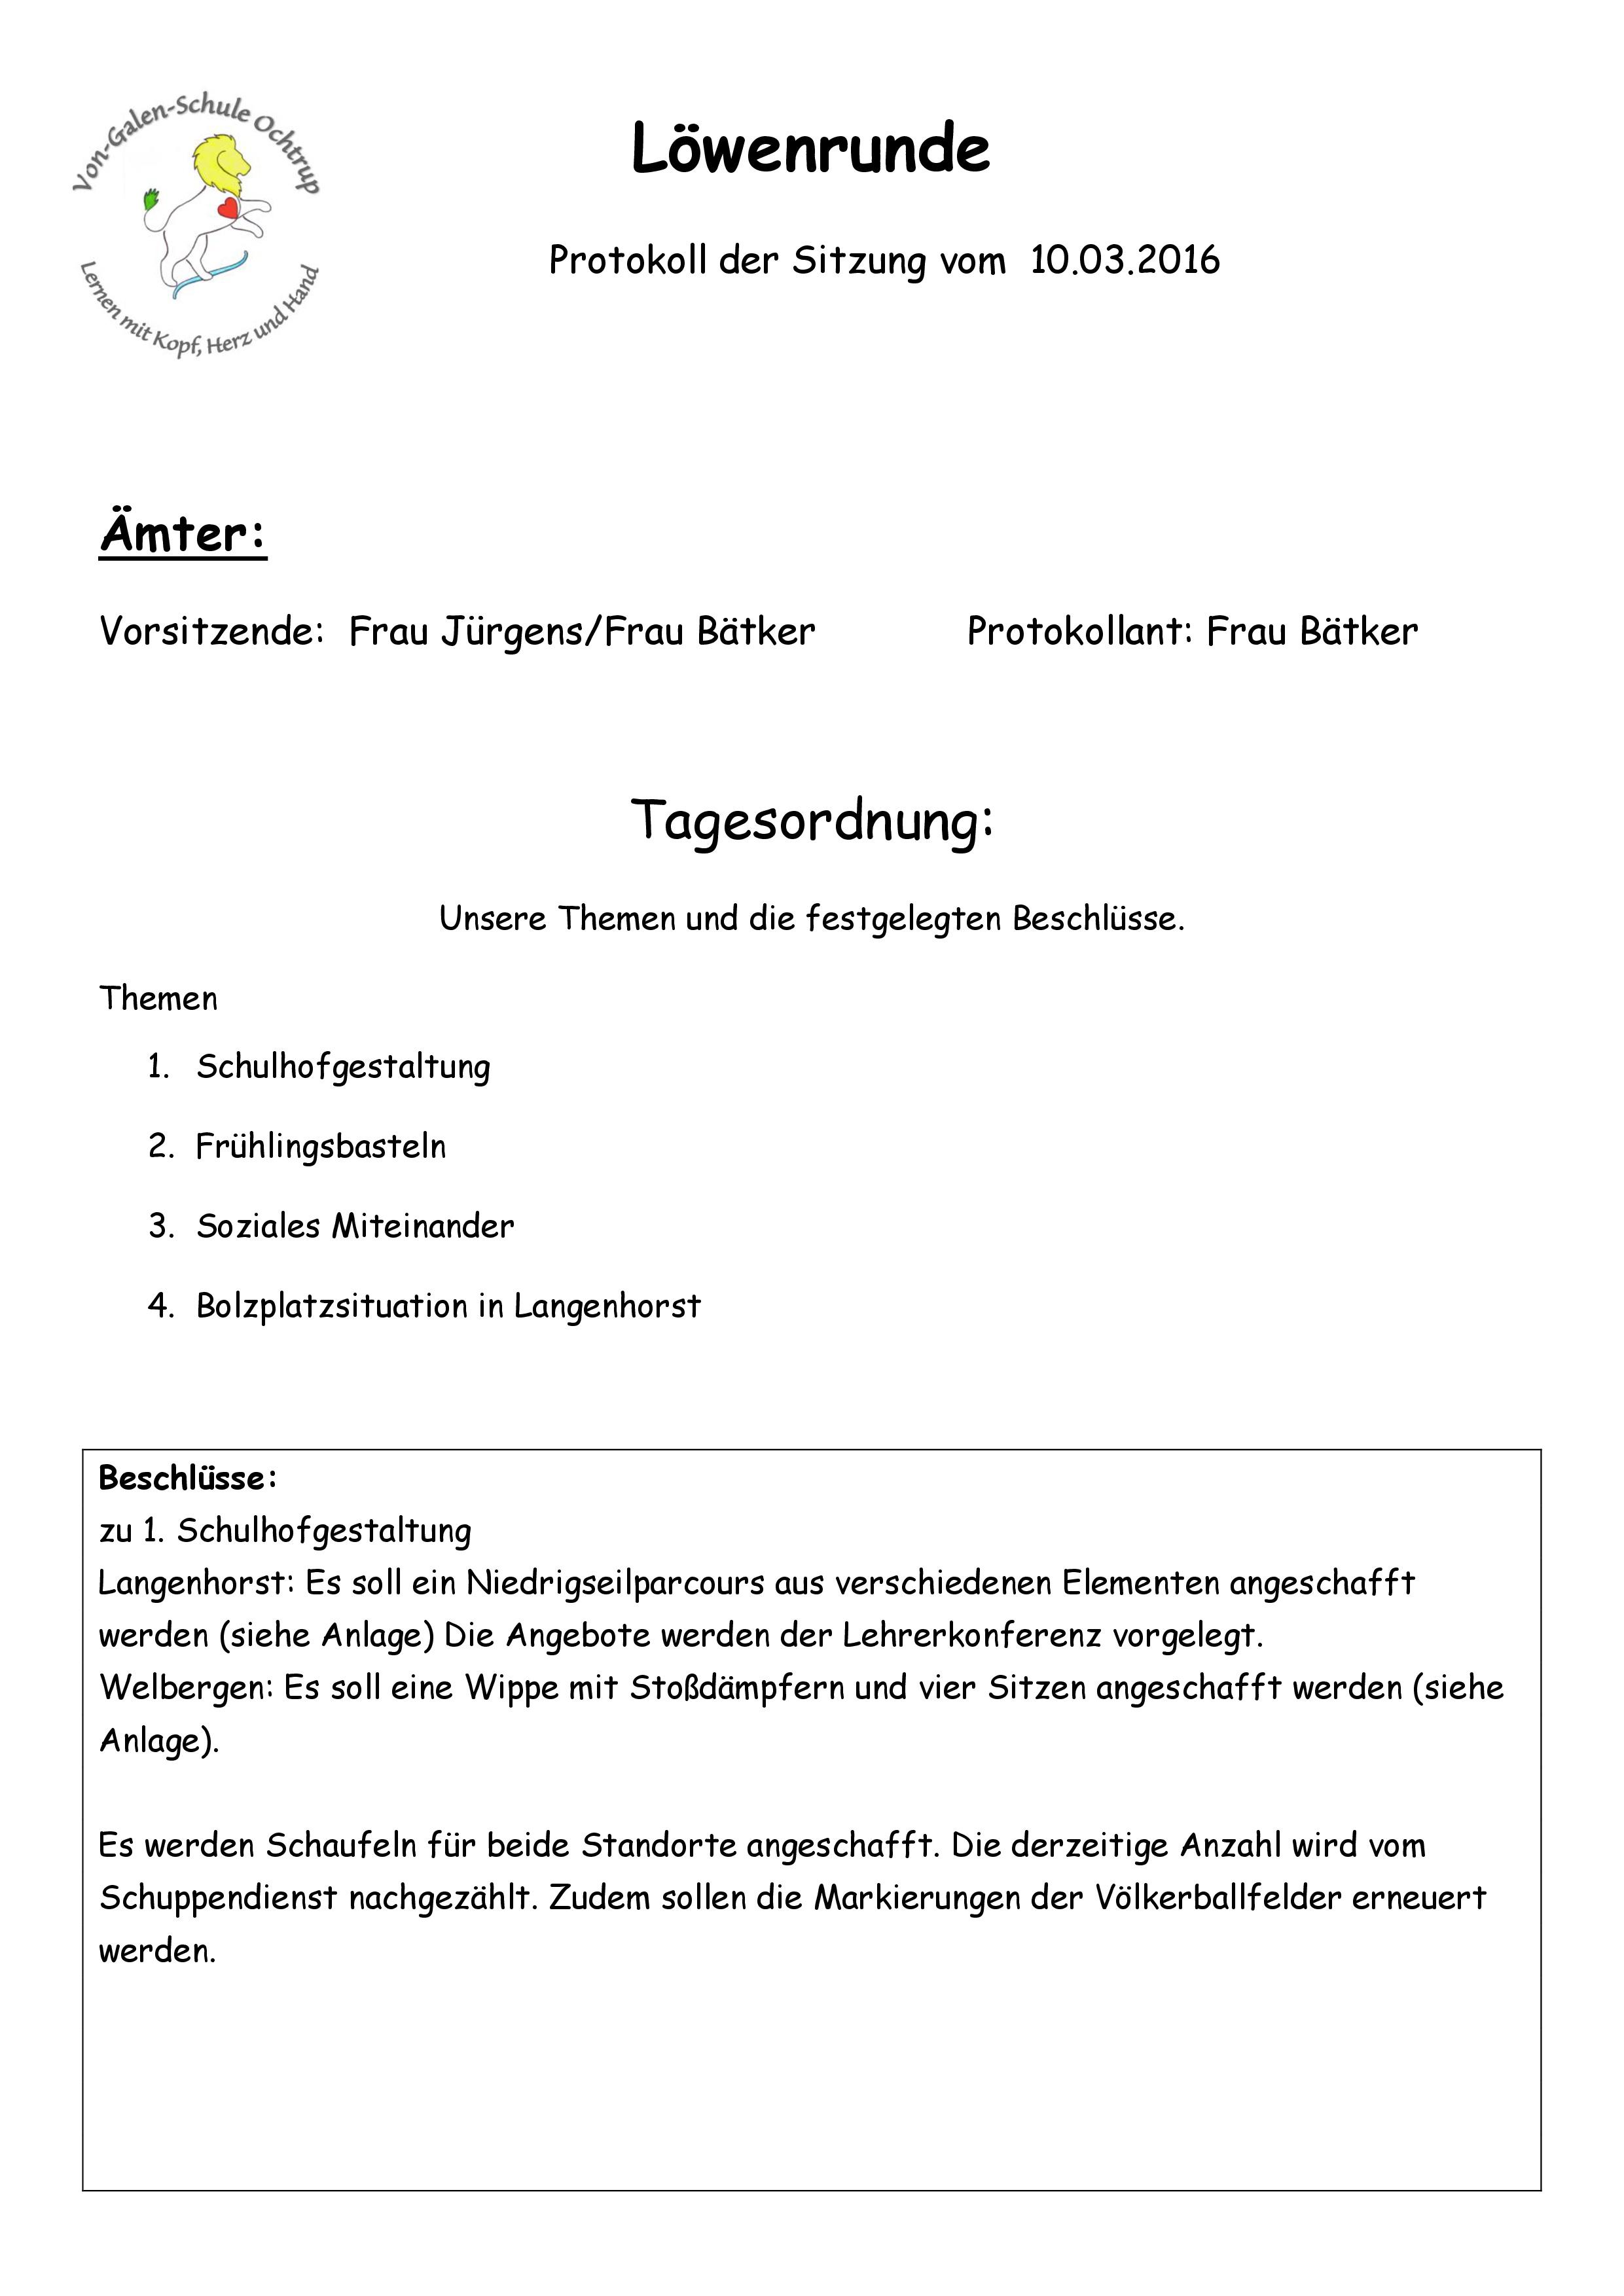 Protokoll Löwenrunde 10.03. (1)_1